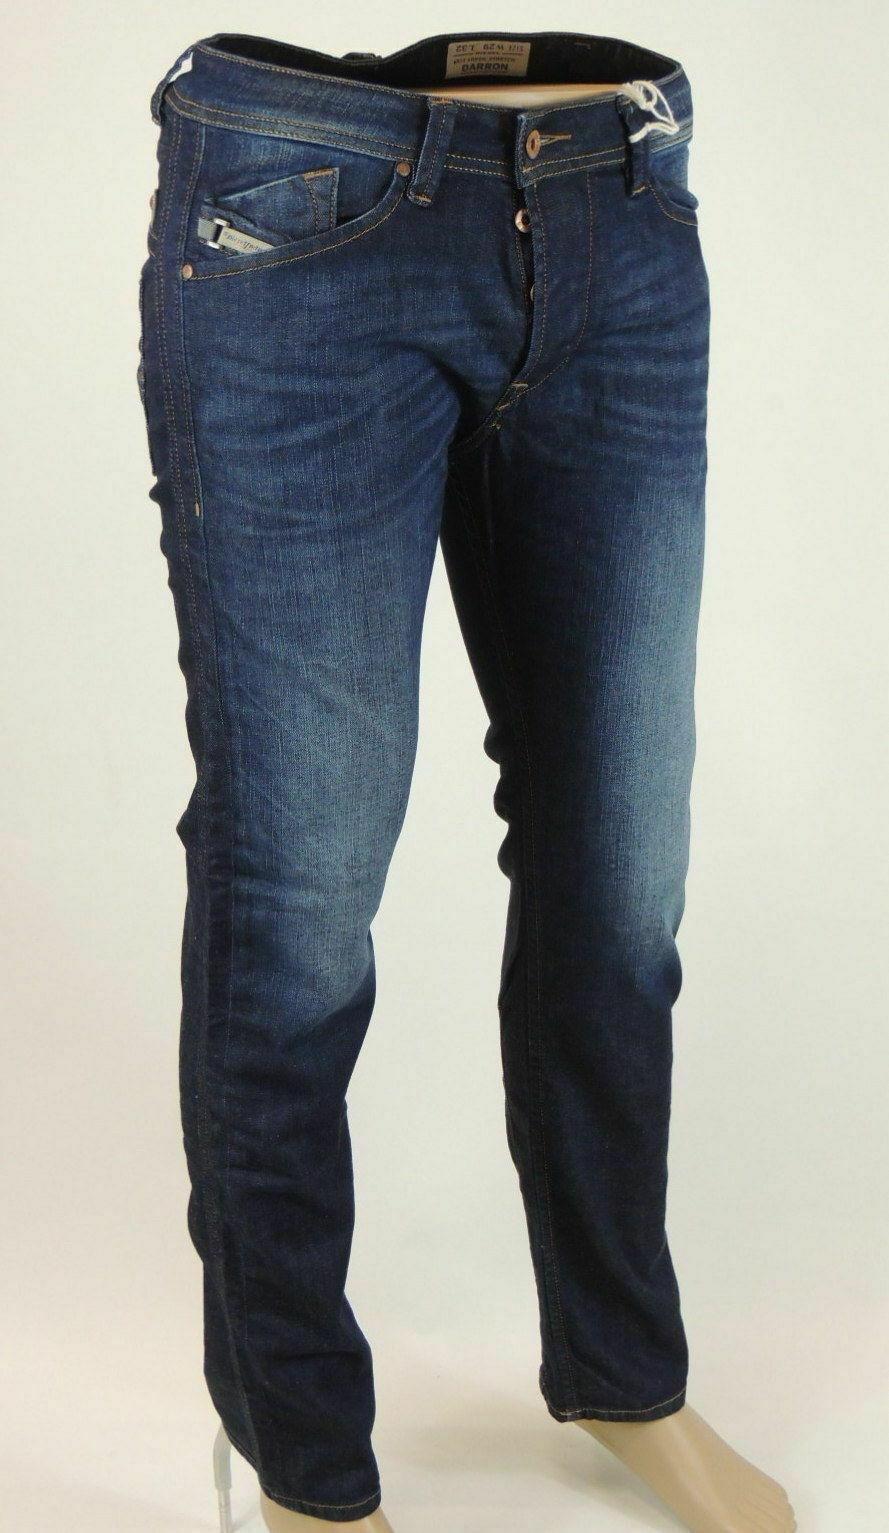 DIESEL Darron WASH 1RF06 Pantalones Vaqueros de Hombre  Pantalones Regular Slim Taperojo Gr Seleccionable  diseños exclusivos